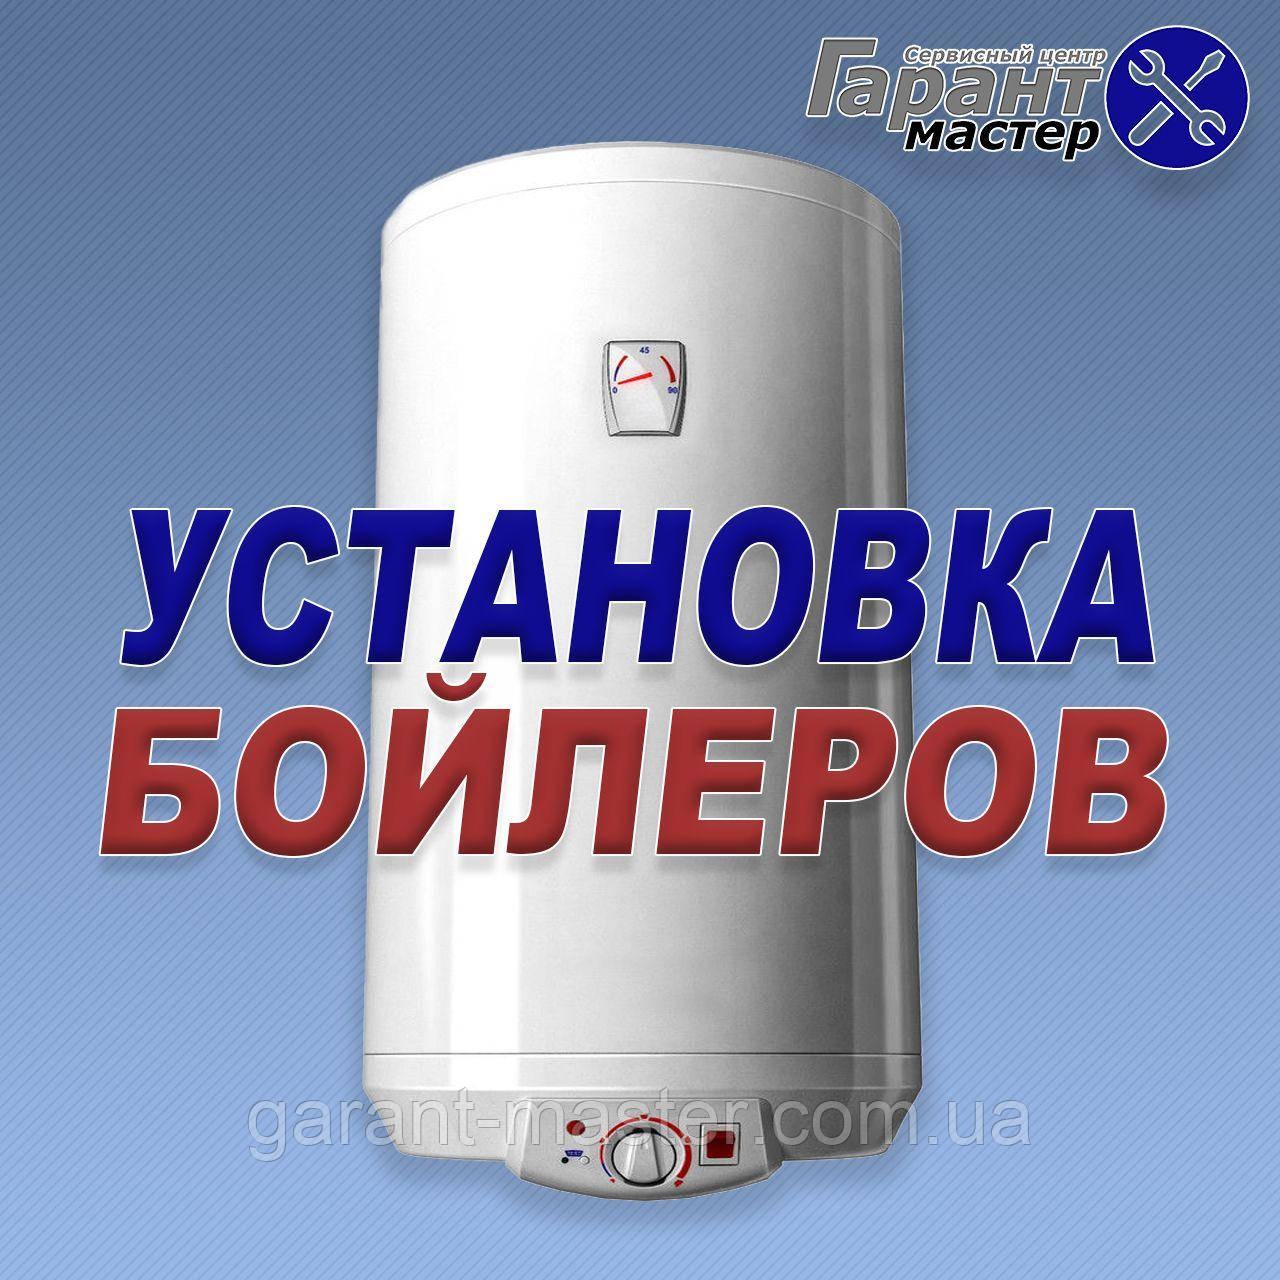 Установка, ремонт бойлеров ELECTROLUX в Днепропетровске